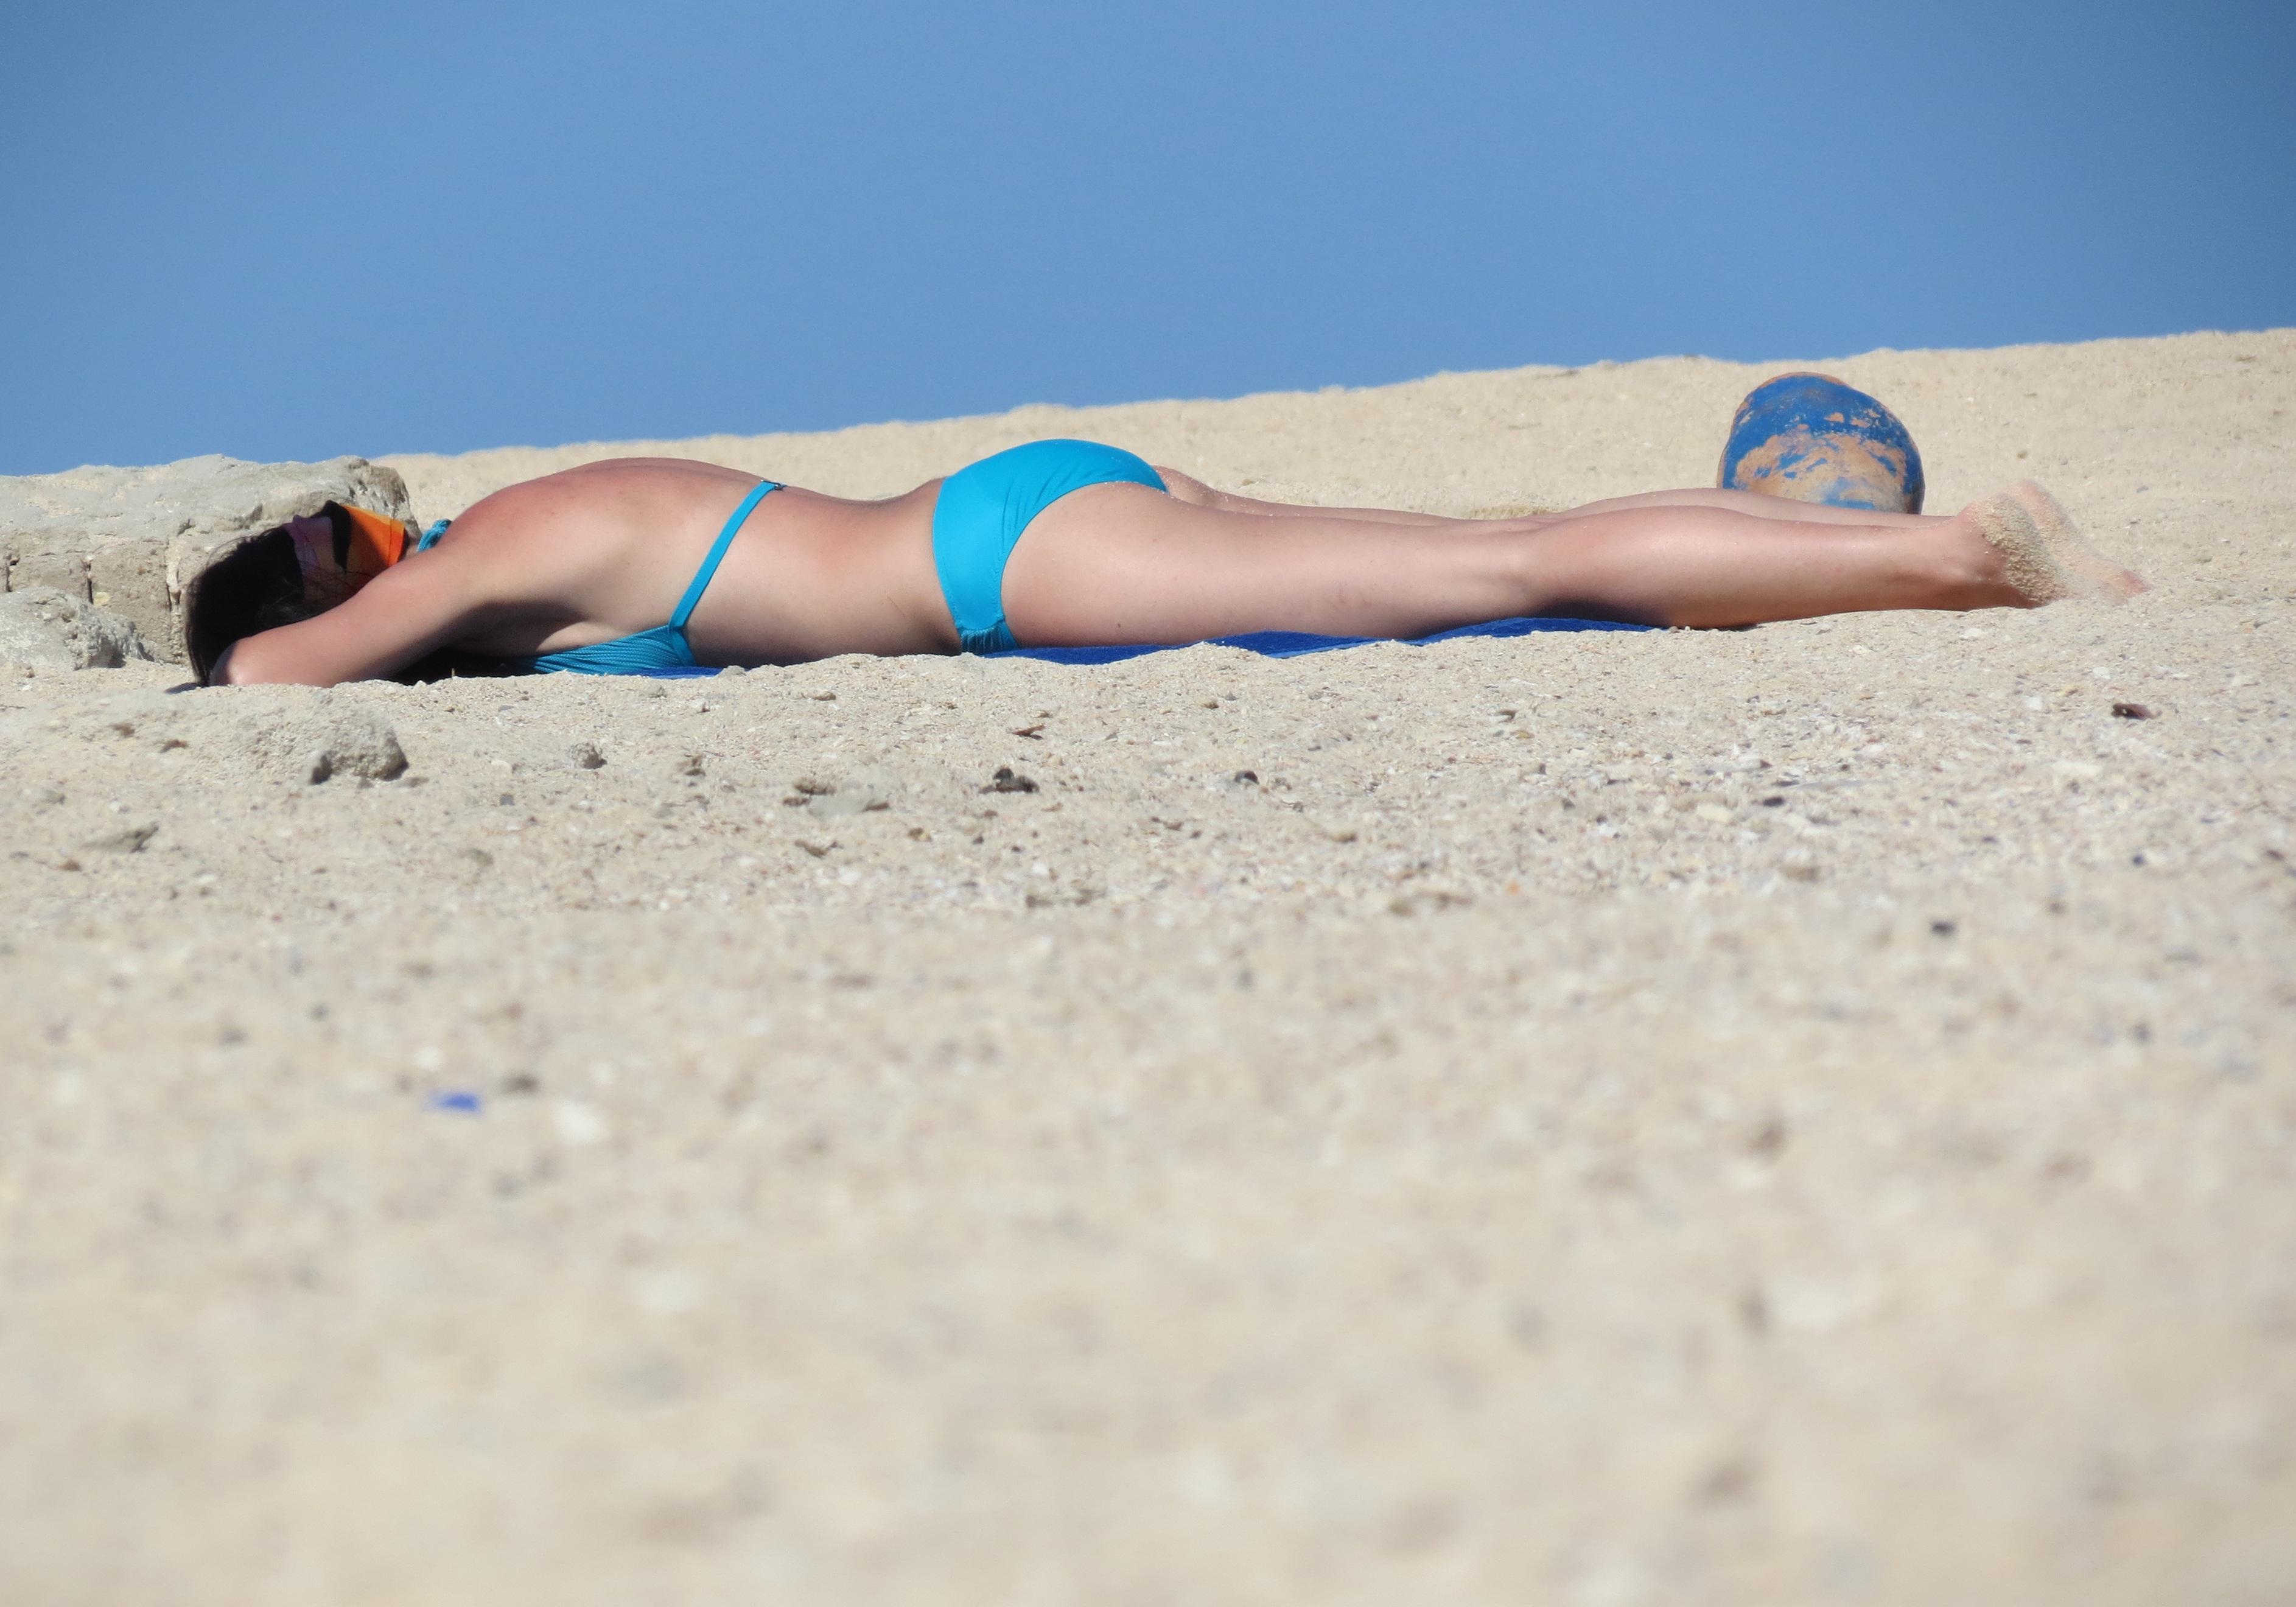 Sunbathing bikini girls pictures — photo 9